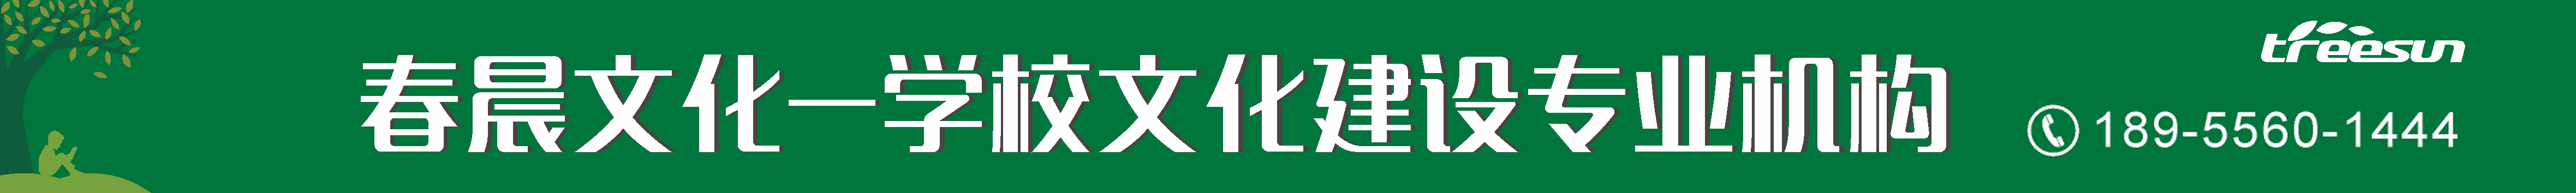 安徽省春晨文化发展有限公司